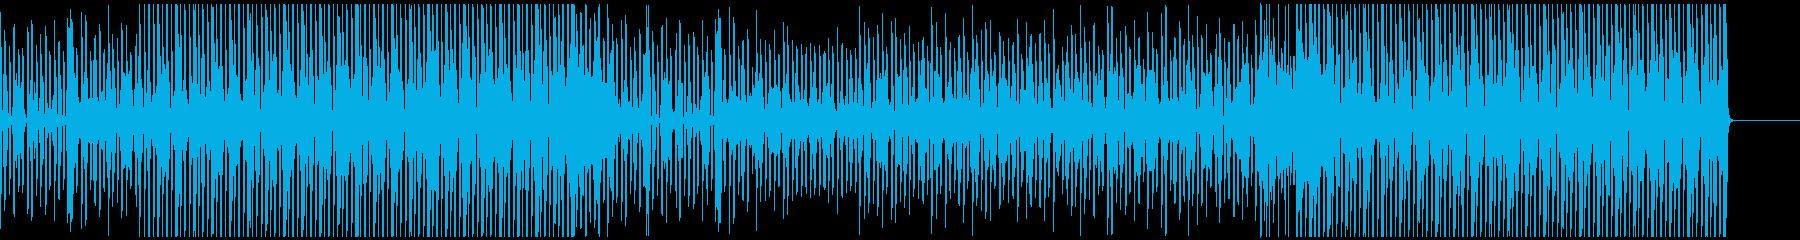 近未来を感じさせる説明動画のBGMに最適の再生済みの波形